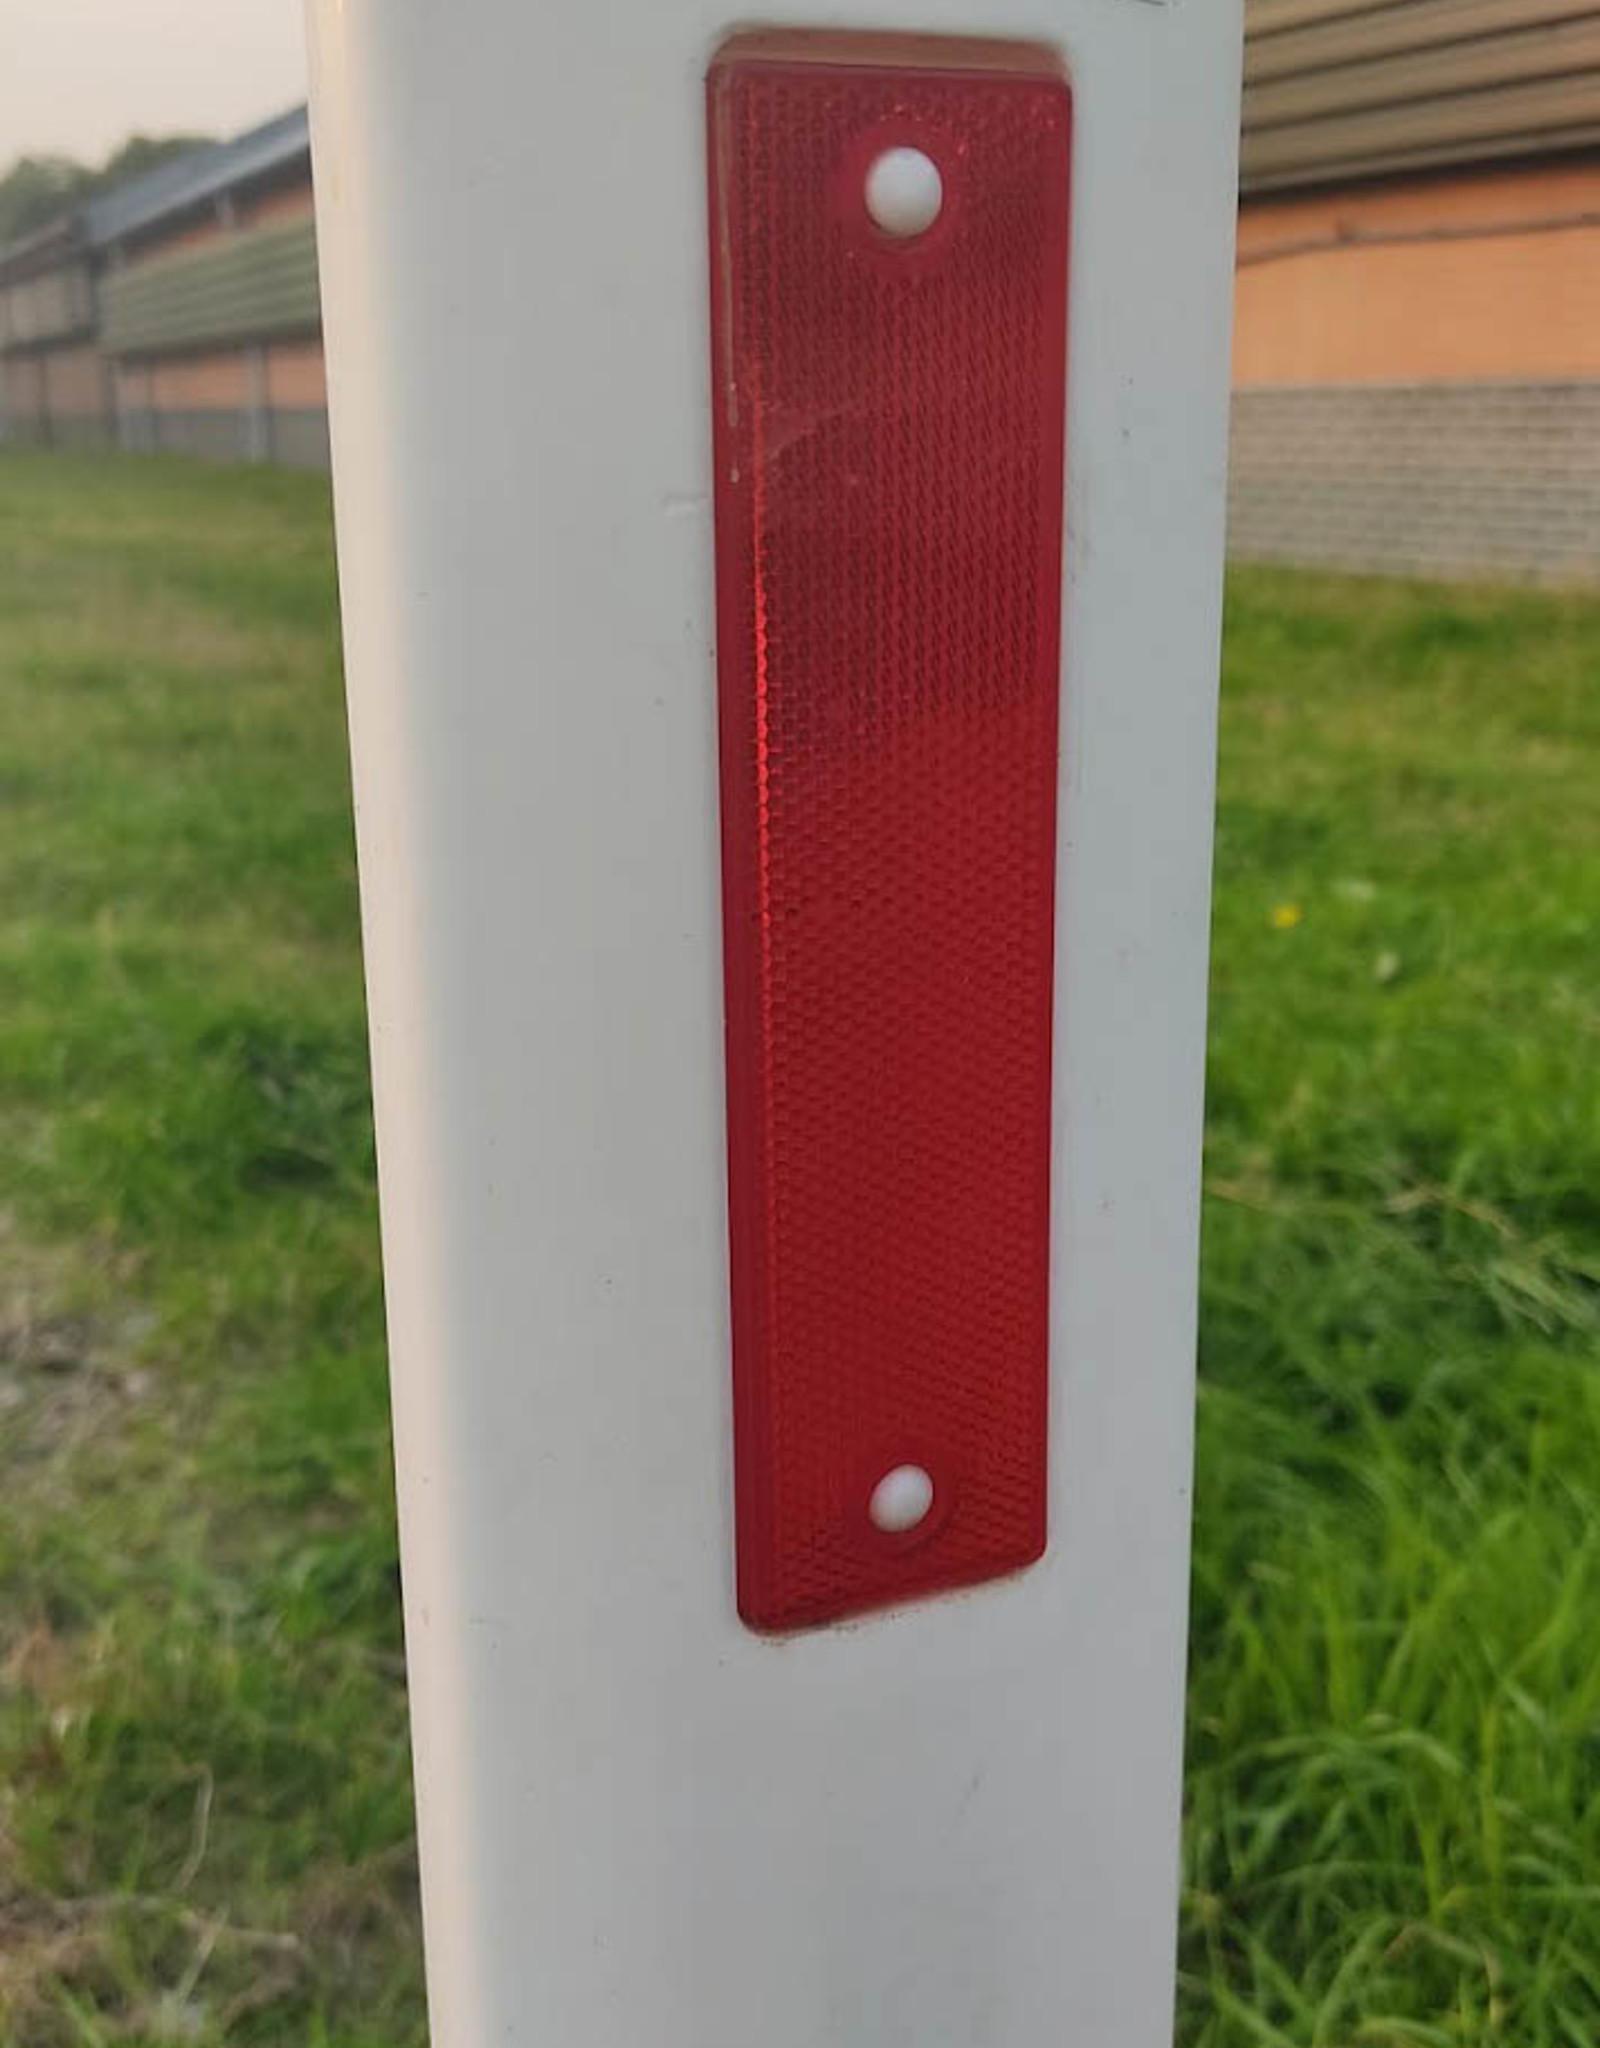 Verkeerswinkel | Harpoenpaal Wit, Bermpaal Wit met 2 reflectoren (rood/wit)